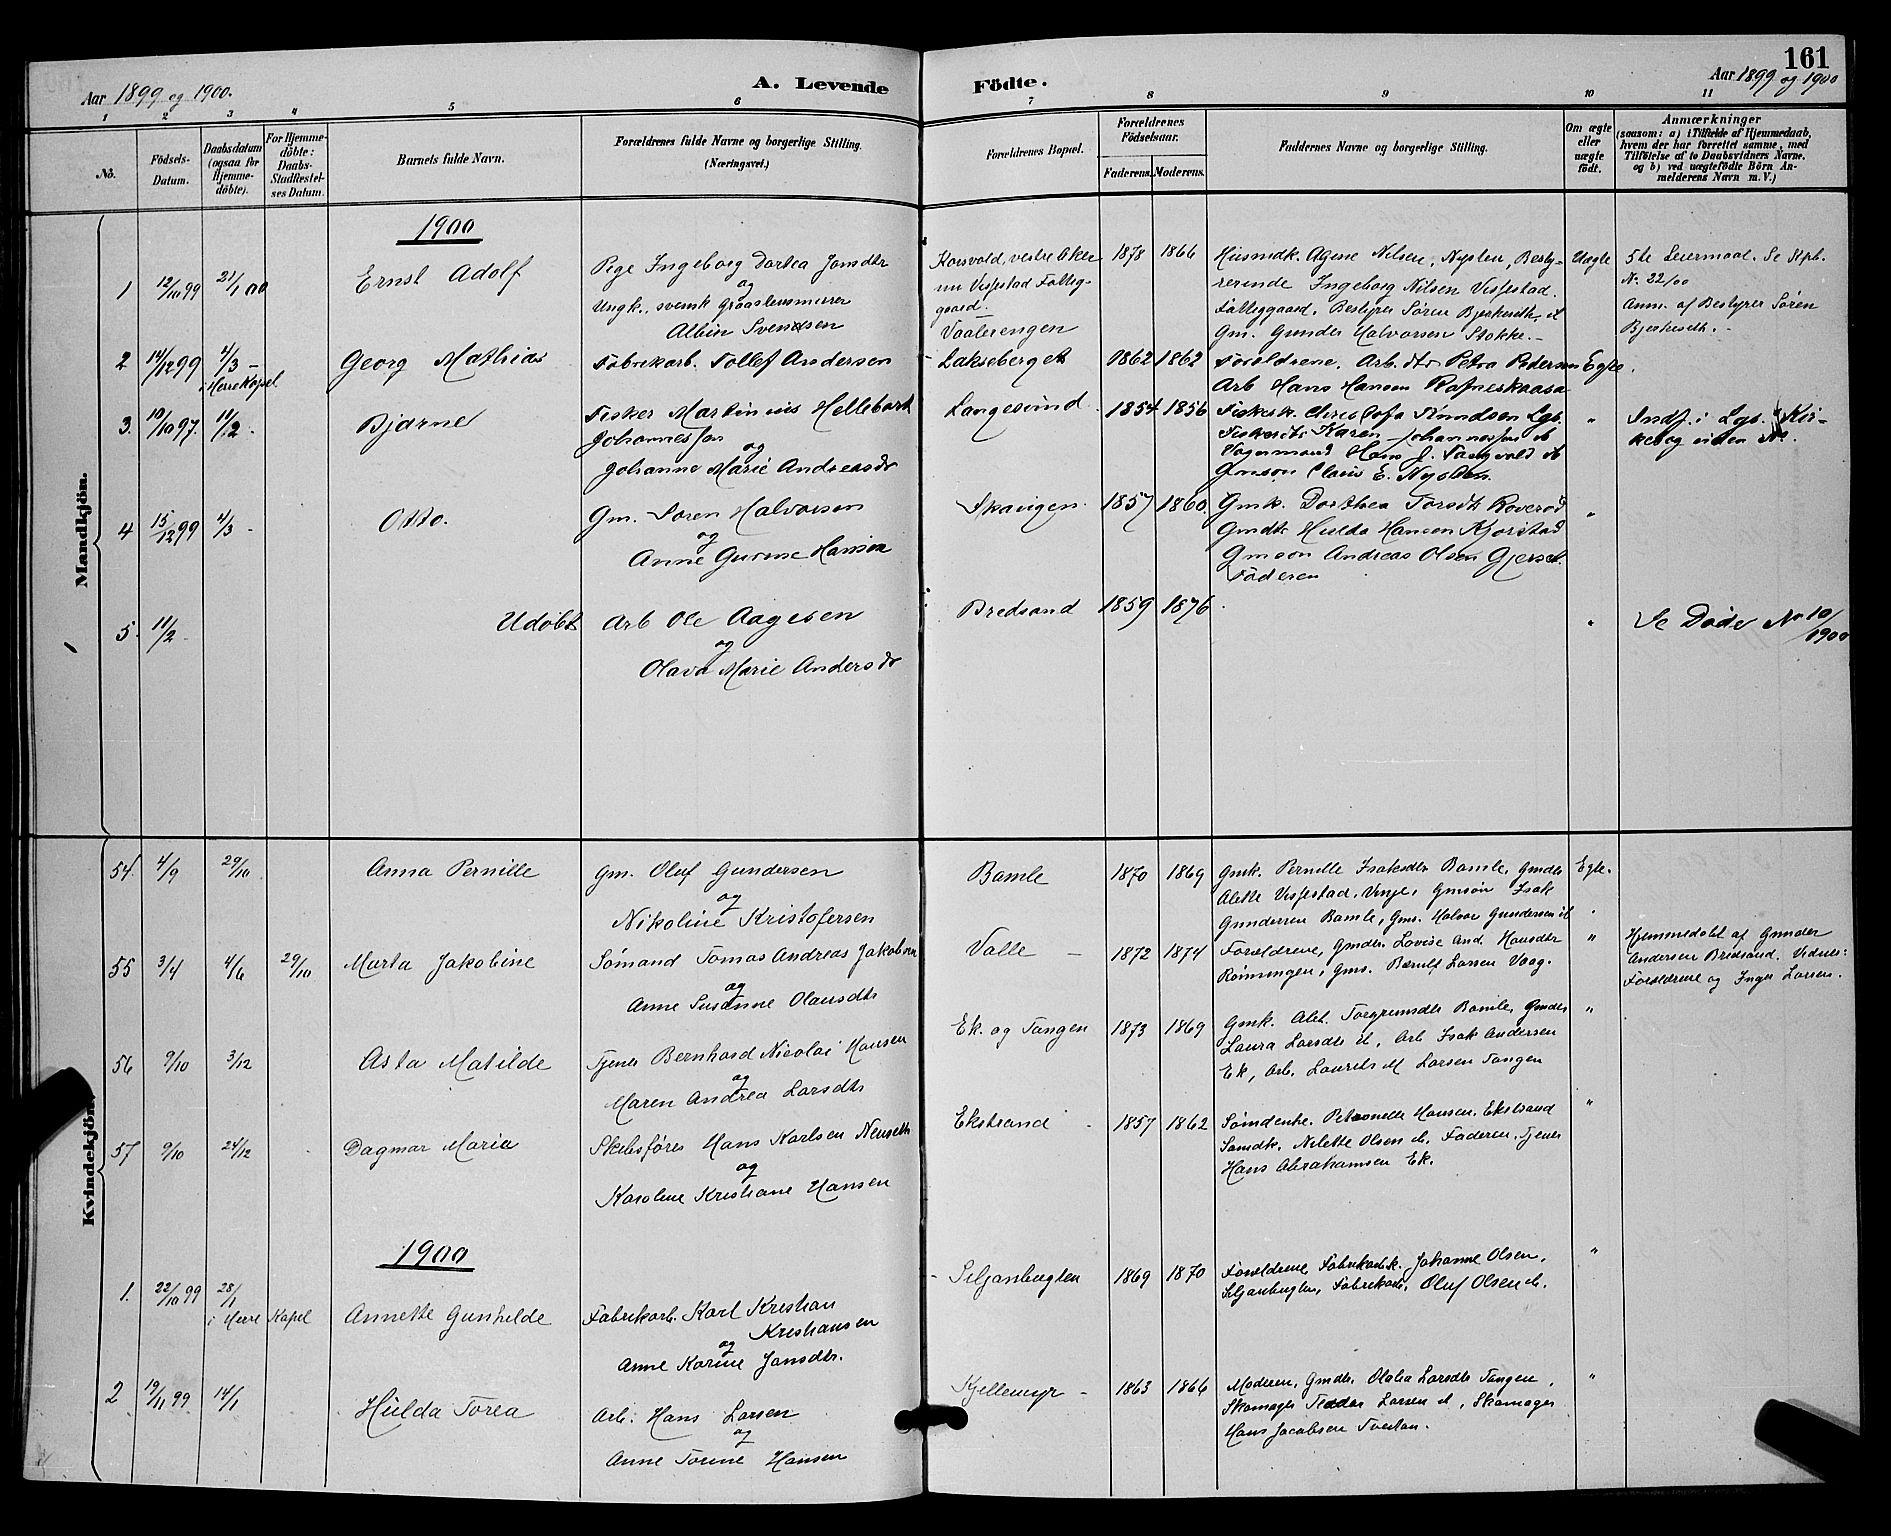 SAKO, Bamble kirkebøker, G/Ga/L0009: Klokkerbok nr. I 9, 1888-1900, s. 161